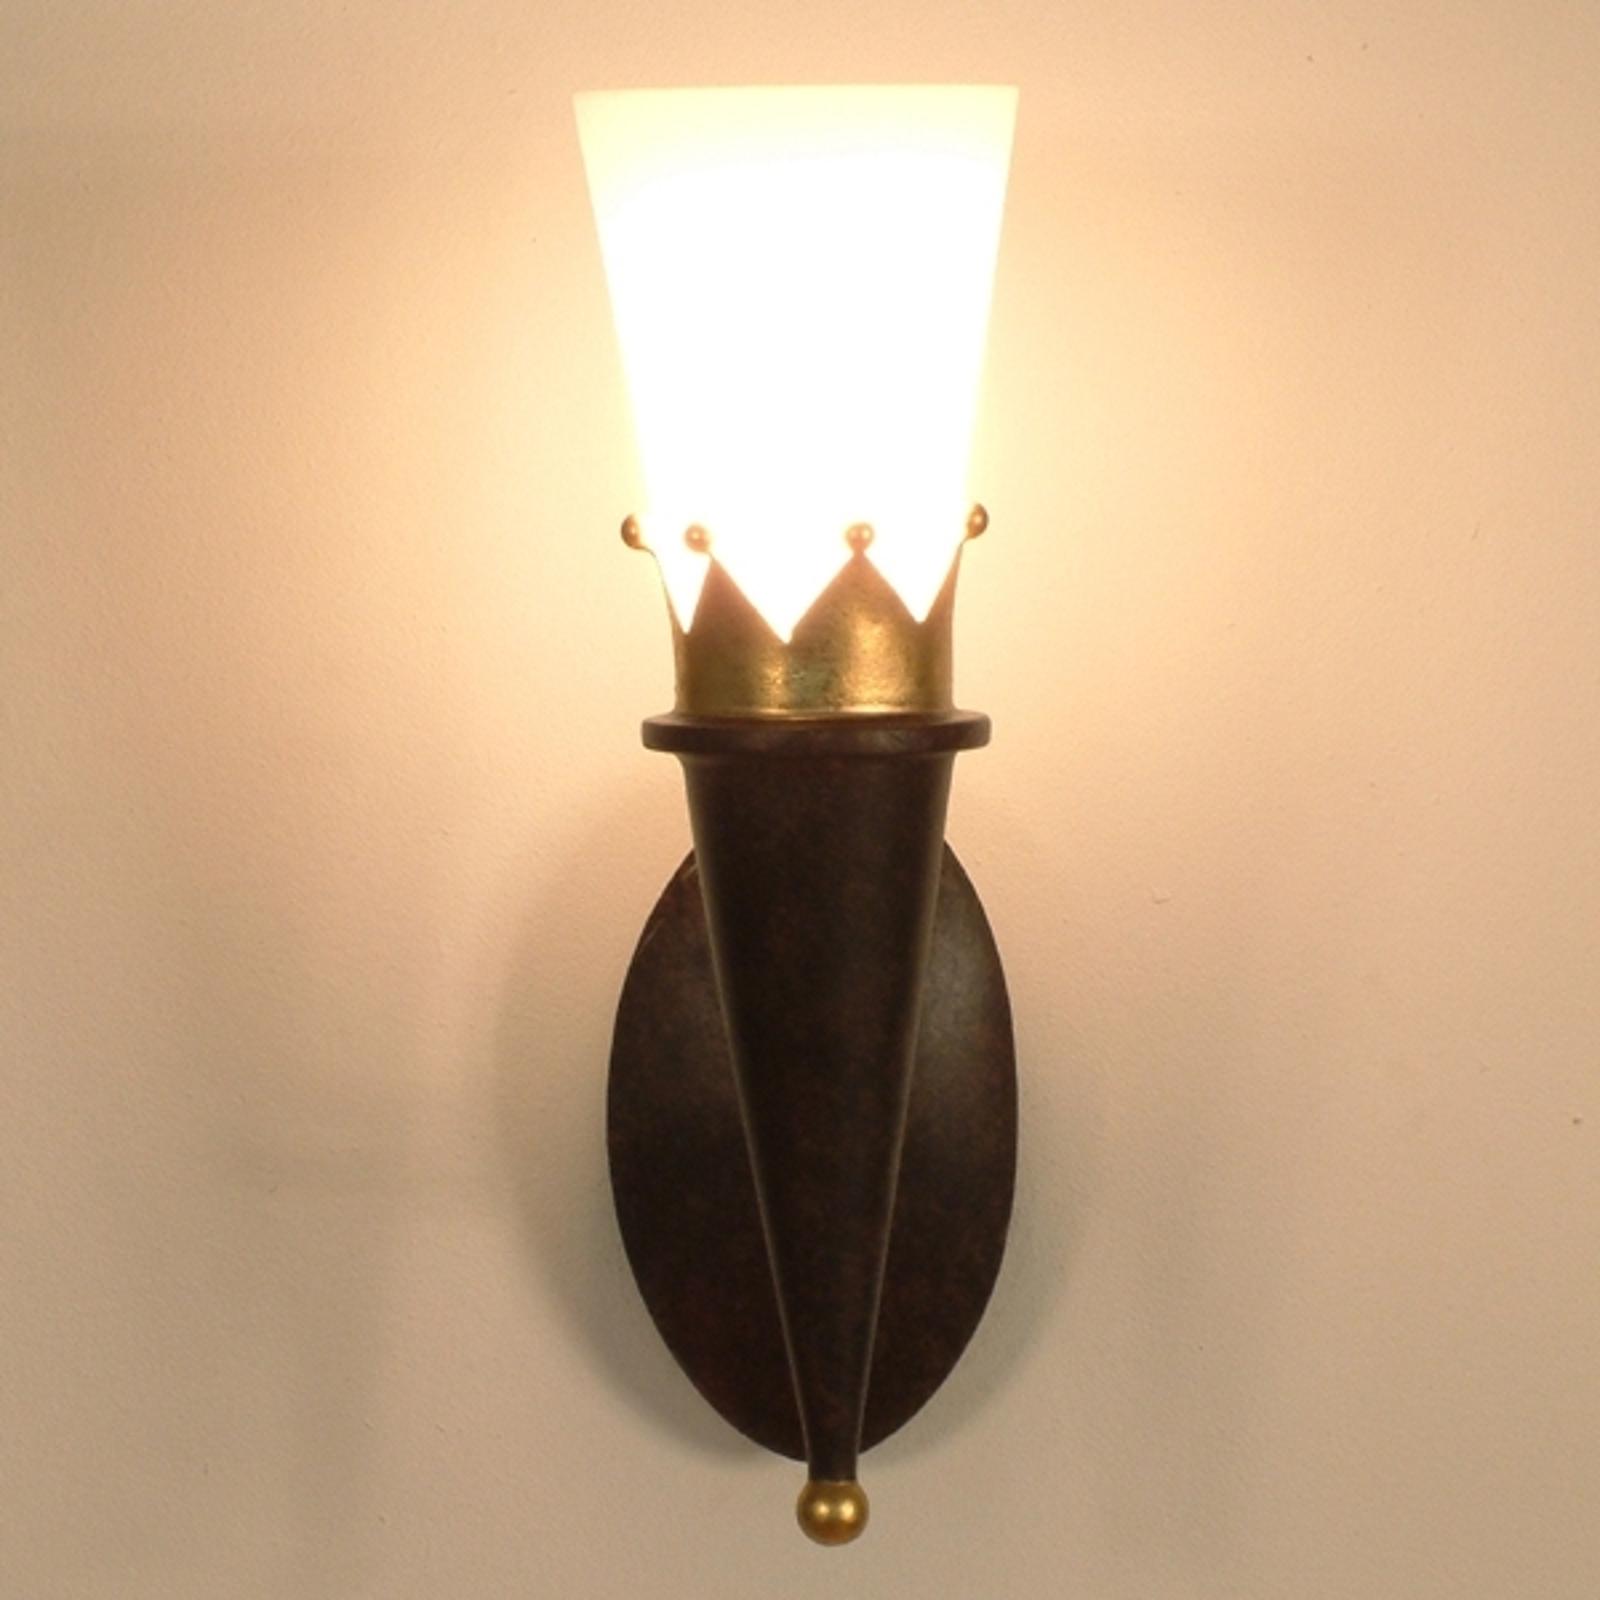 Rustieke wandlamp CORONA met gouden versiering